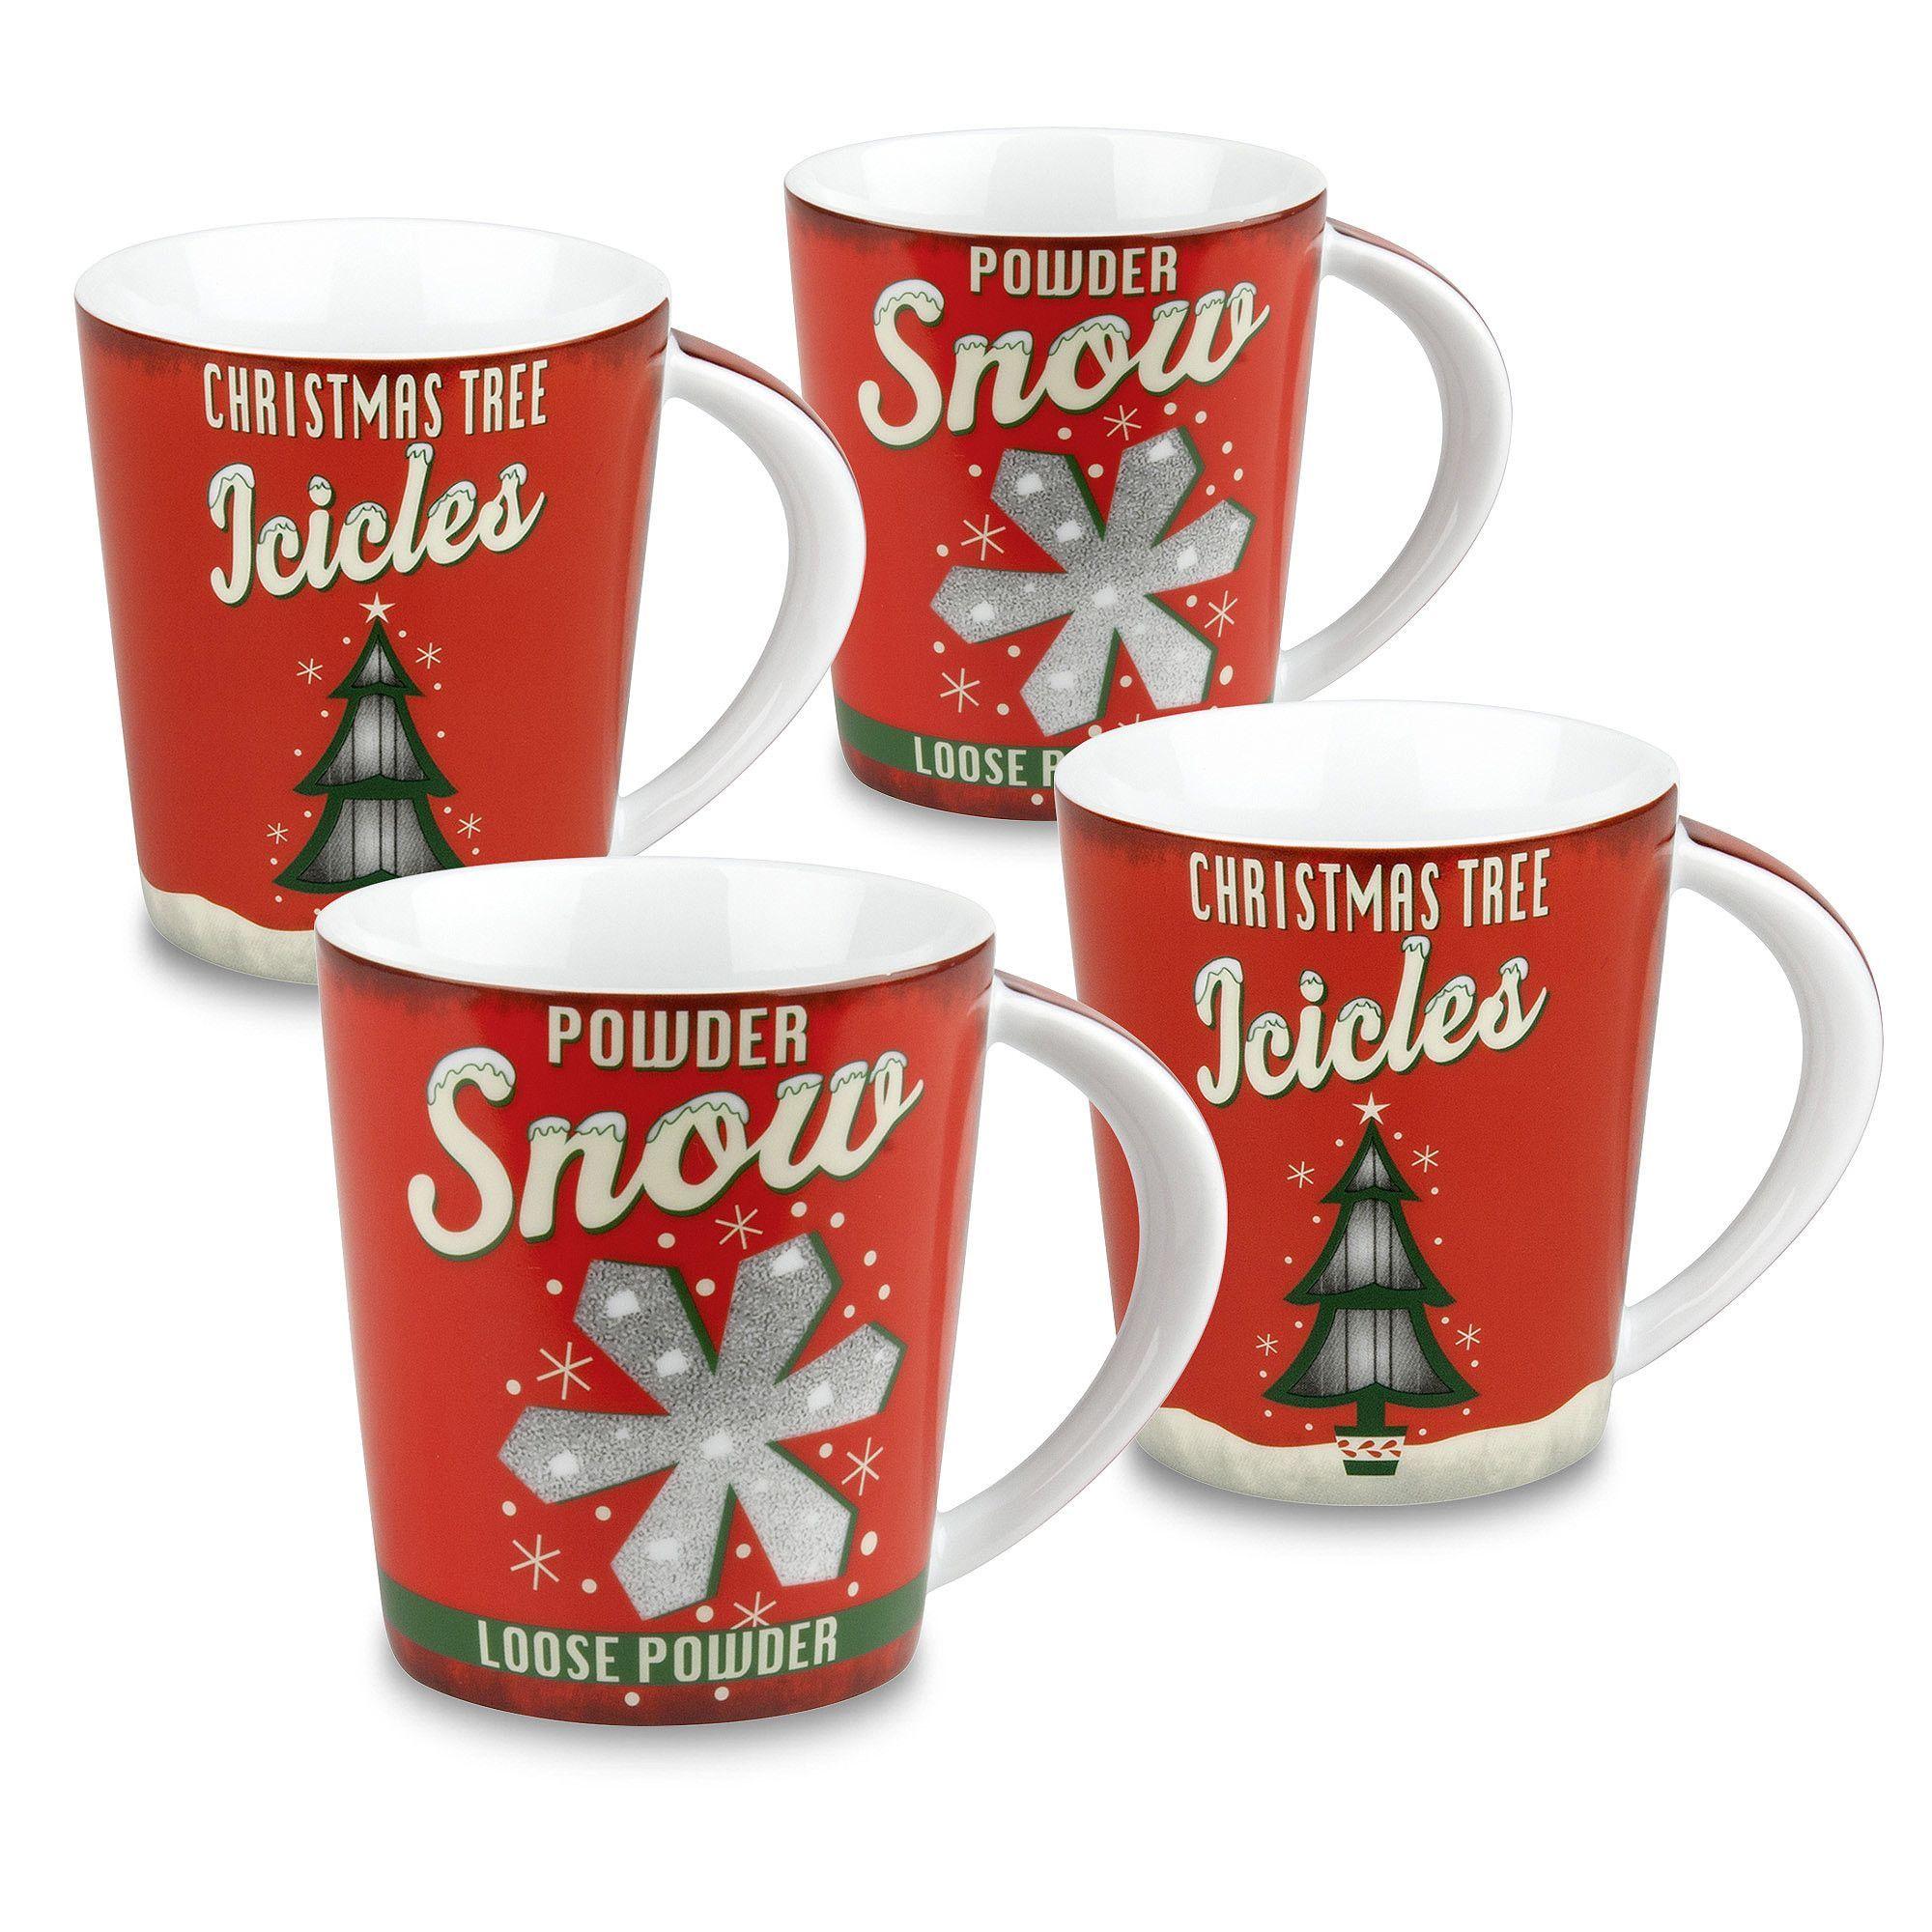 Vintage 4 Piece Coffee Mug Set Christmas mug sets